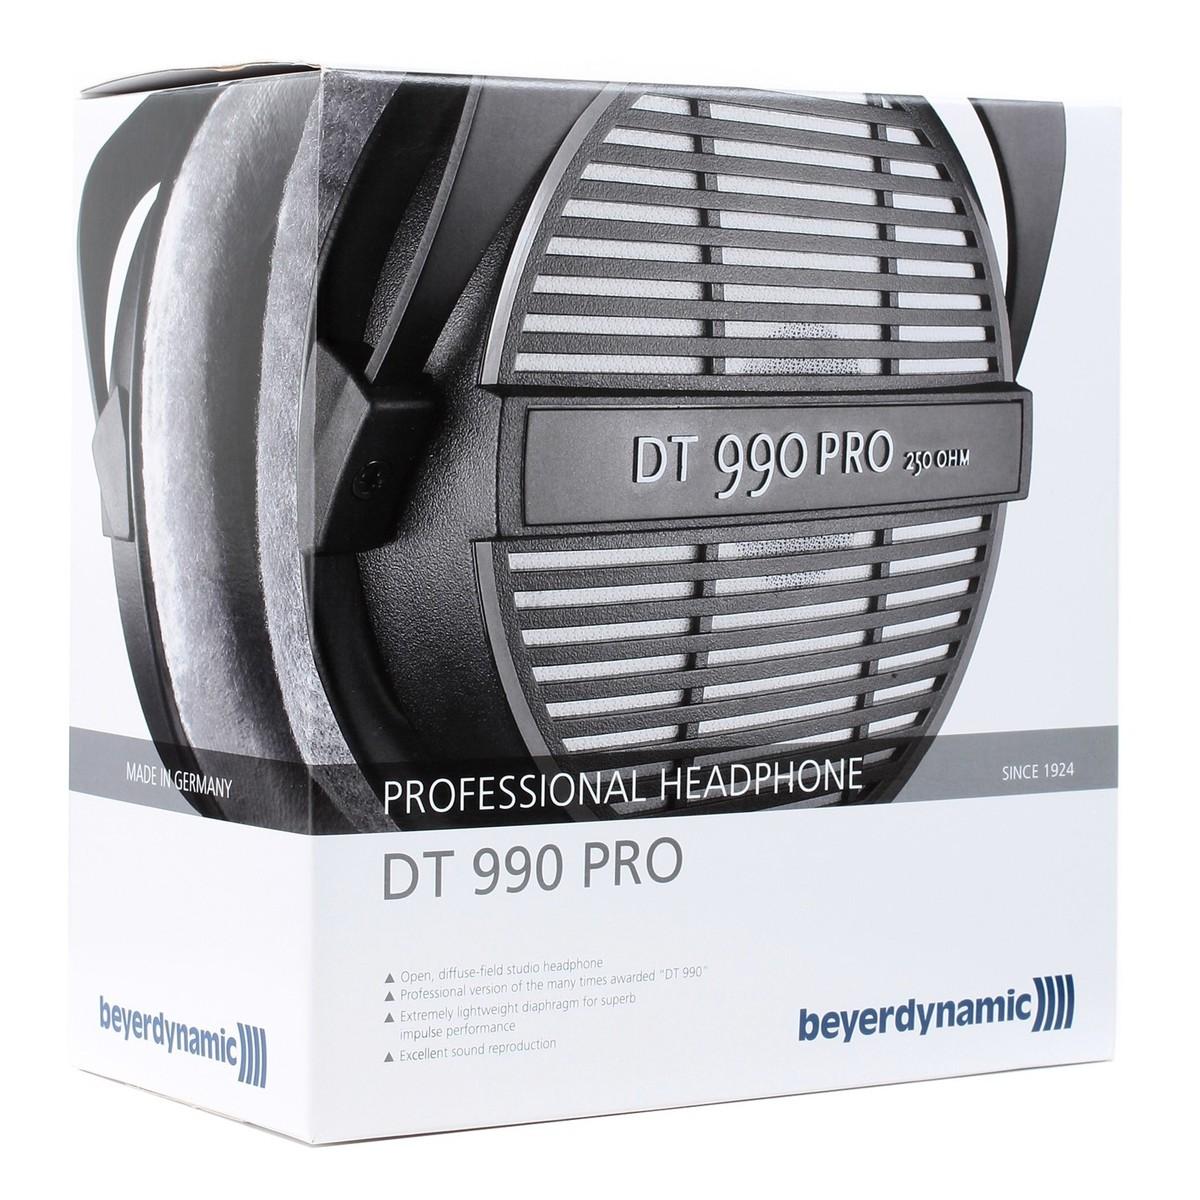 beyerdynamic dt 990 pro headphones 250 ohm at. Black Bedroom Furniture Sets. Home Design Ideas